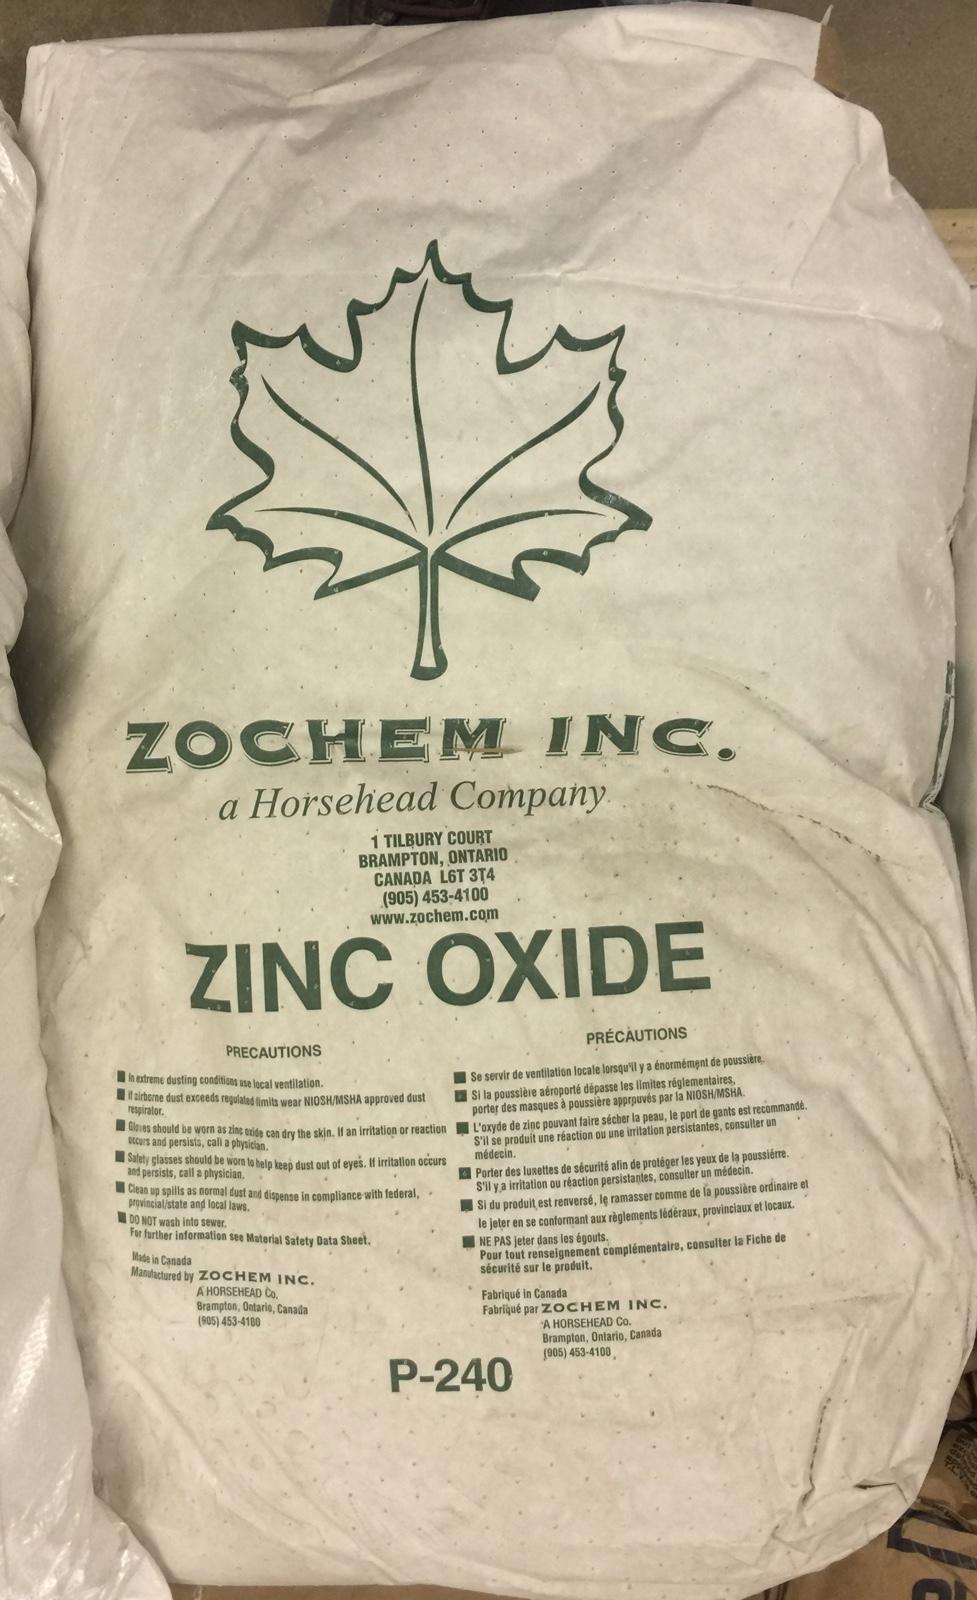 Original container bag of zinc oxide